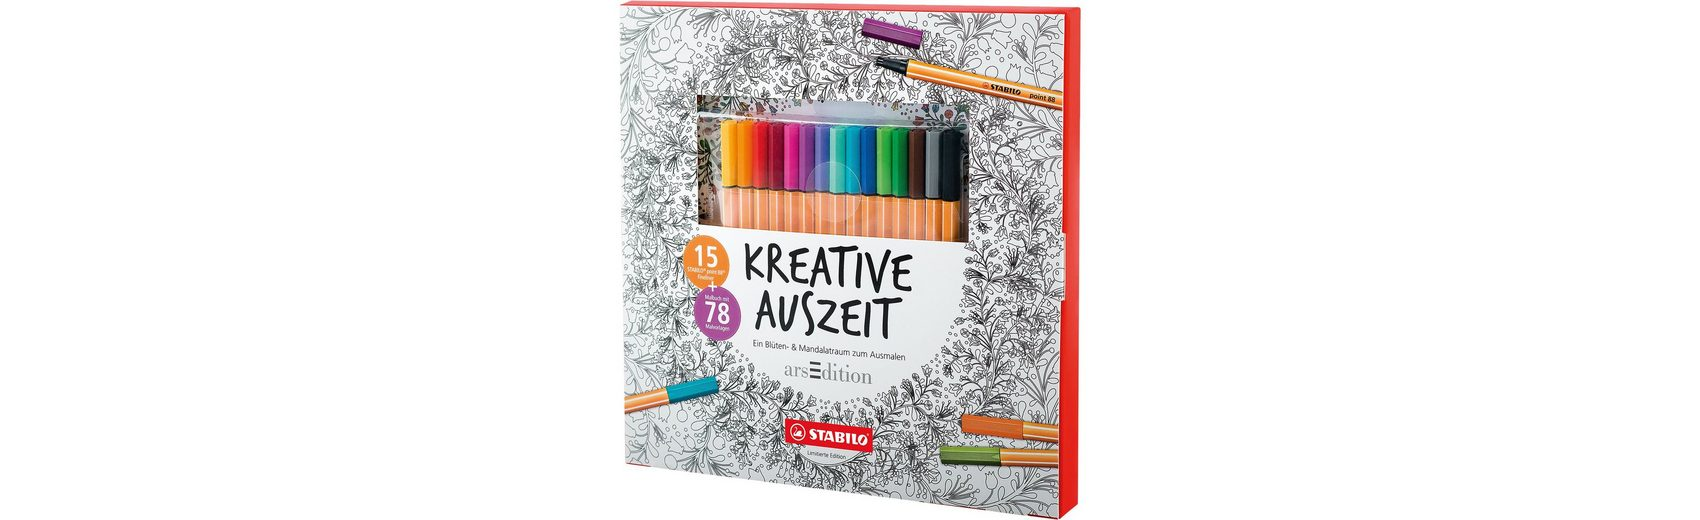 Stabilo Malset Kreative Auszeit ltd. Edition, inkl. point 88 Finelin